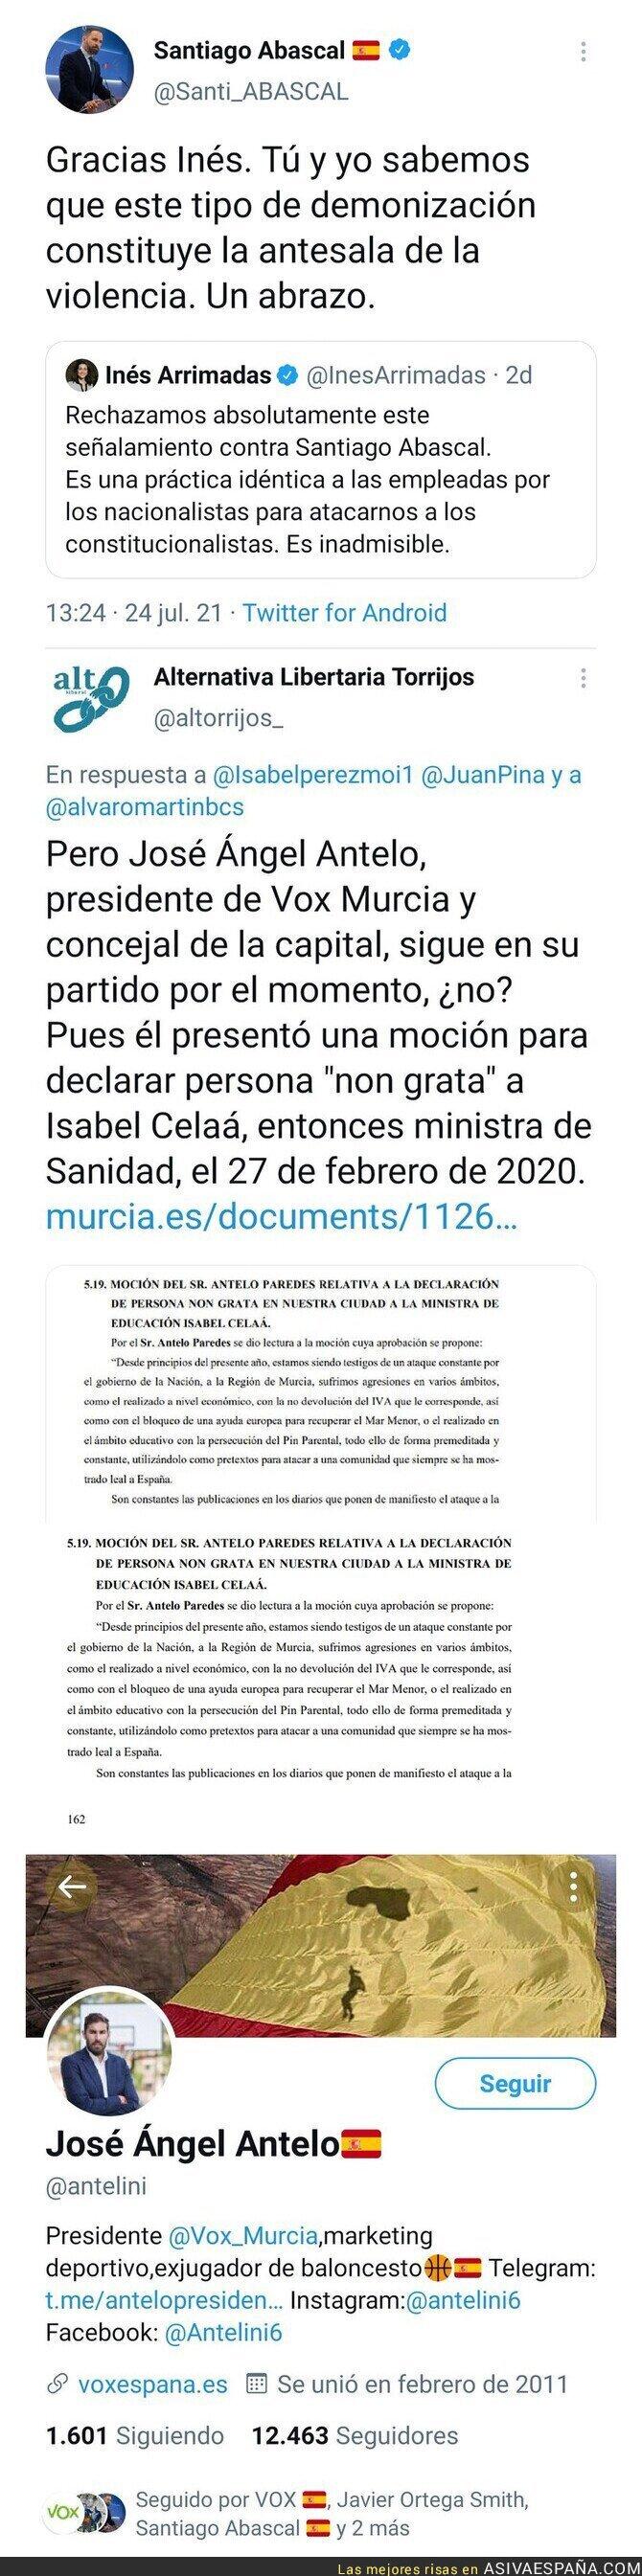 850699 - VOX denuncia lo mal que está hacer a alguien 'persona non grata' y esto hicieron ellos en Murcia en 2020